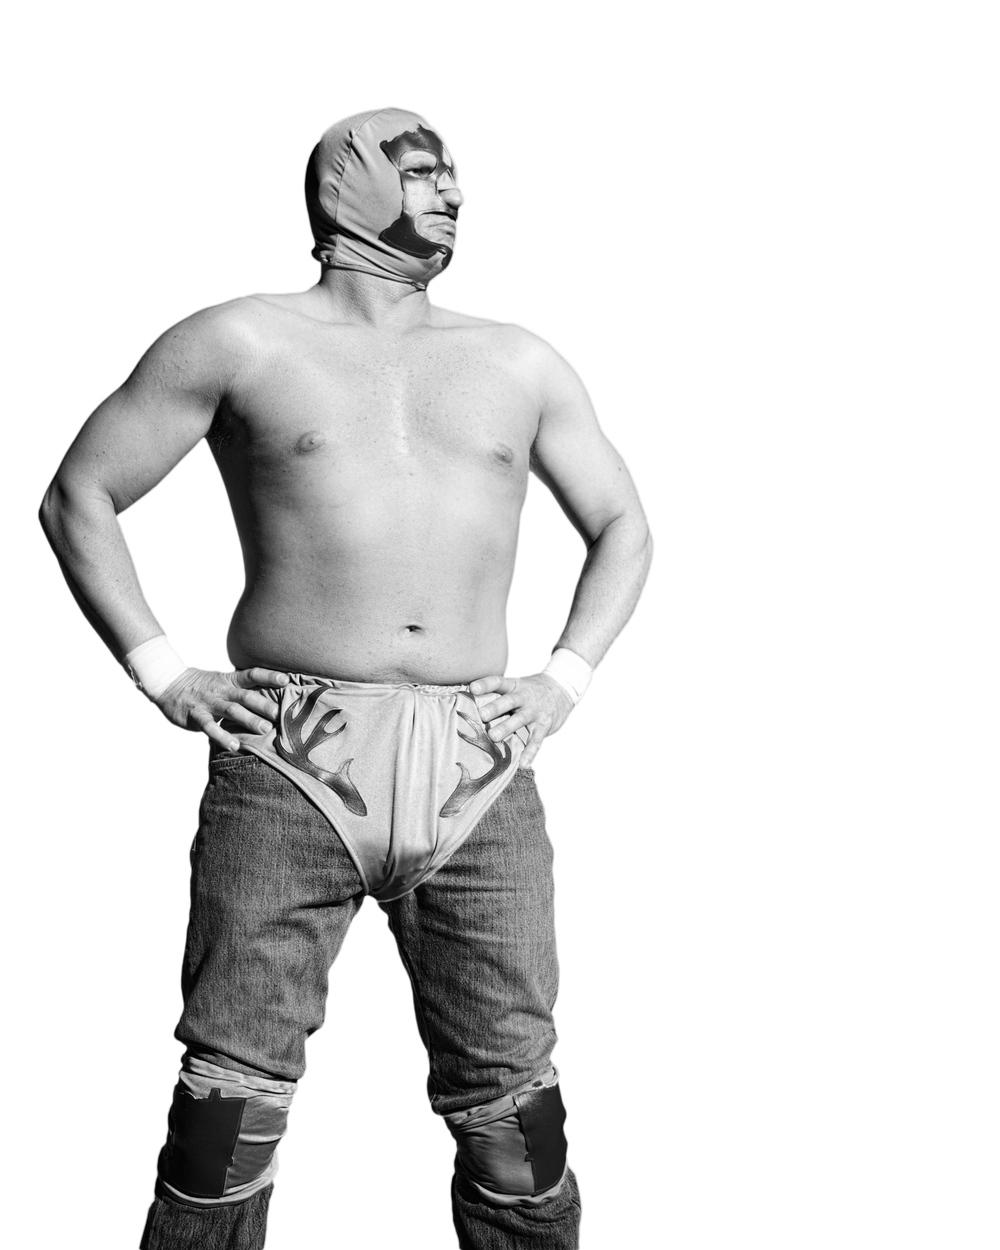 130420_Wrestling_IWI_TomSchoenborn-346.jpg